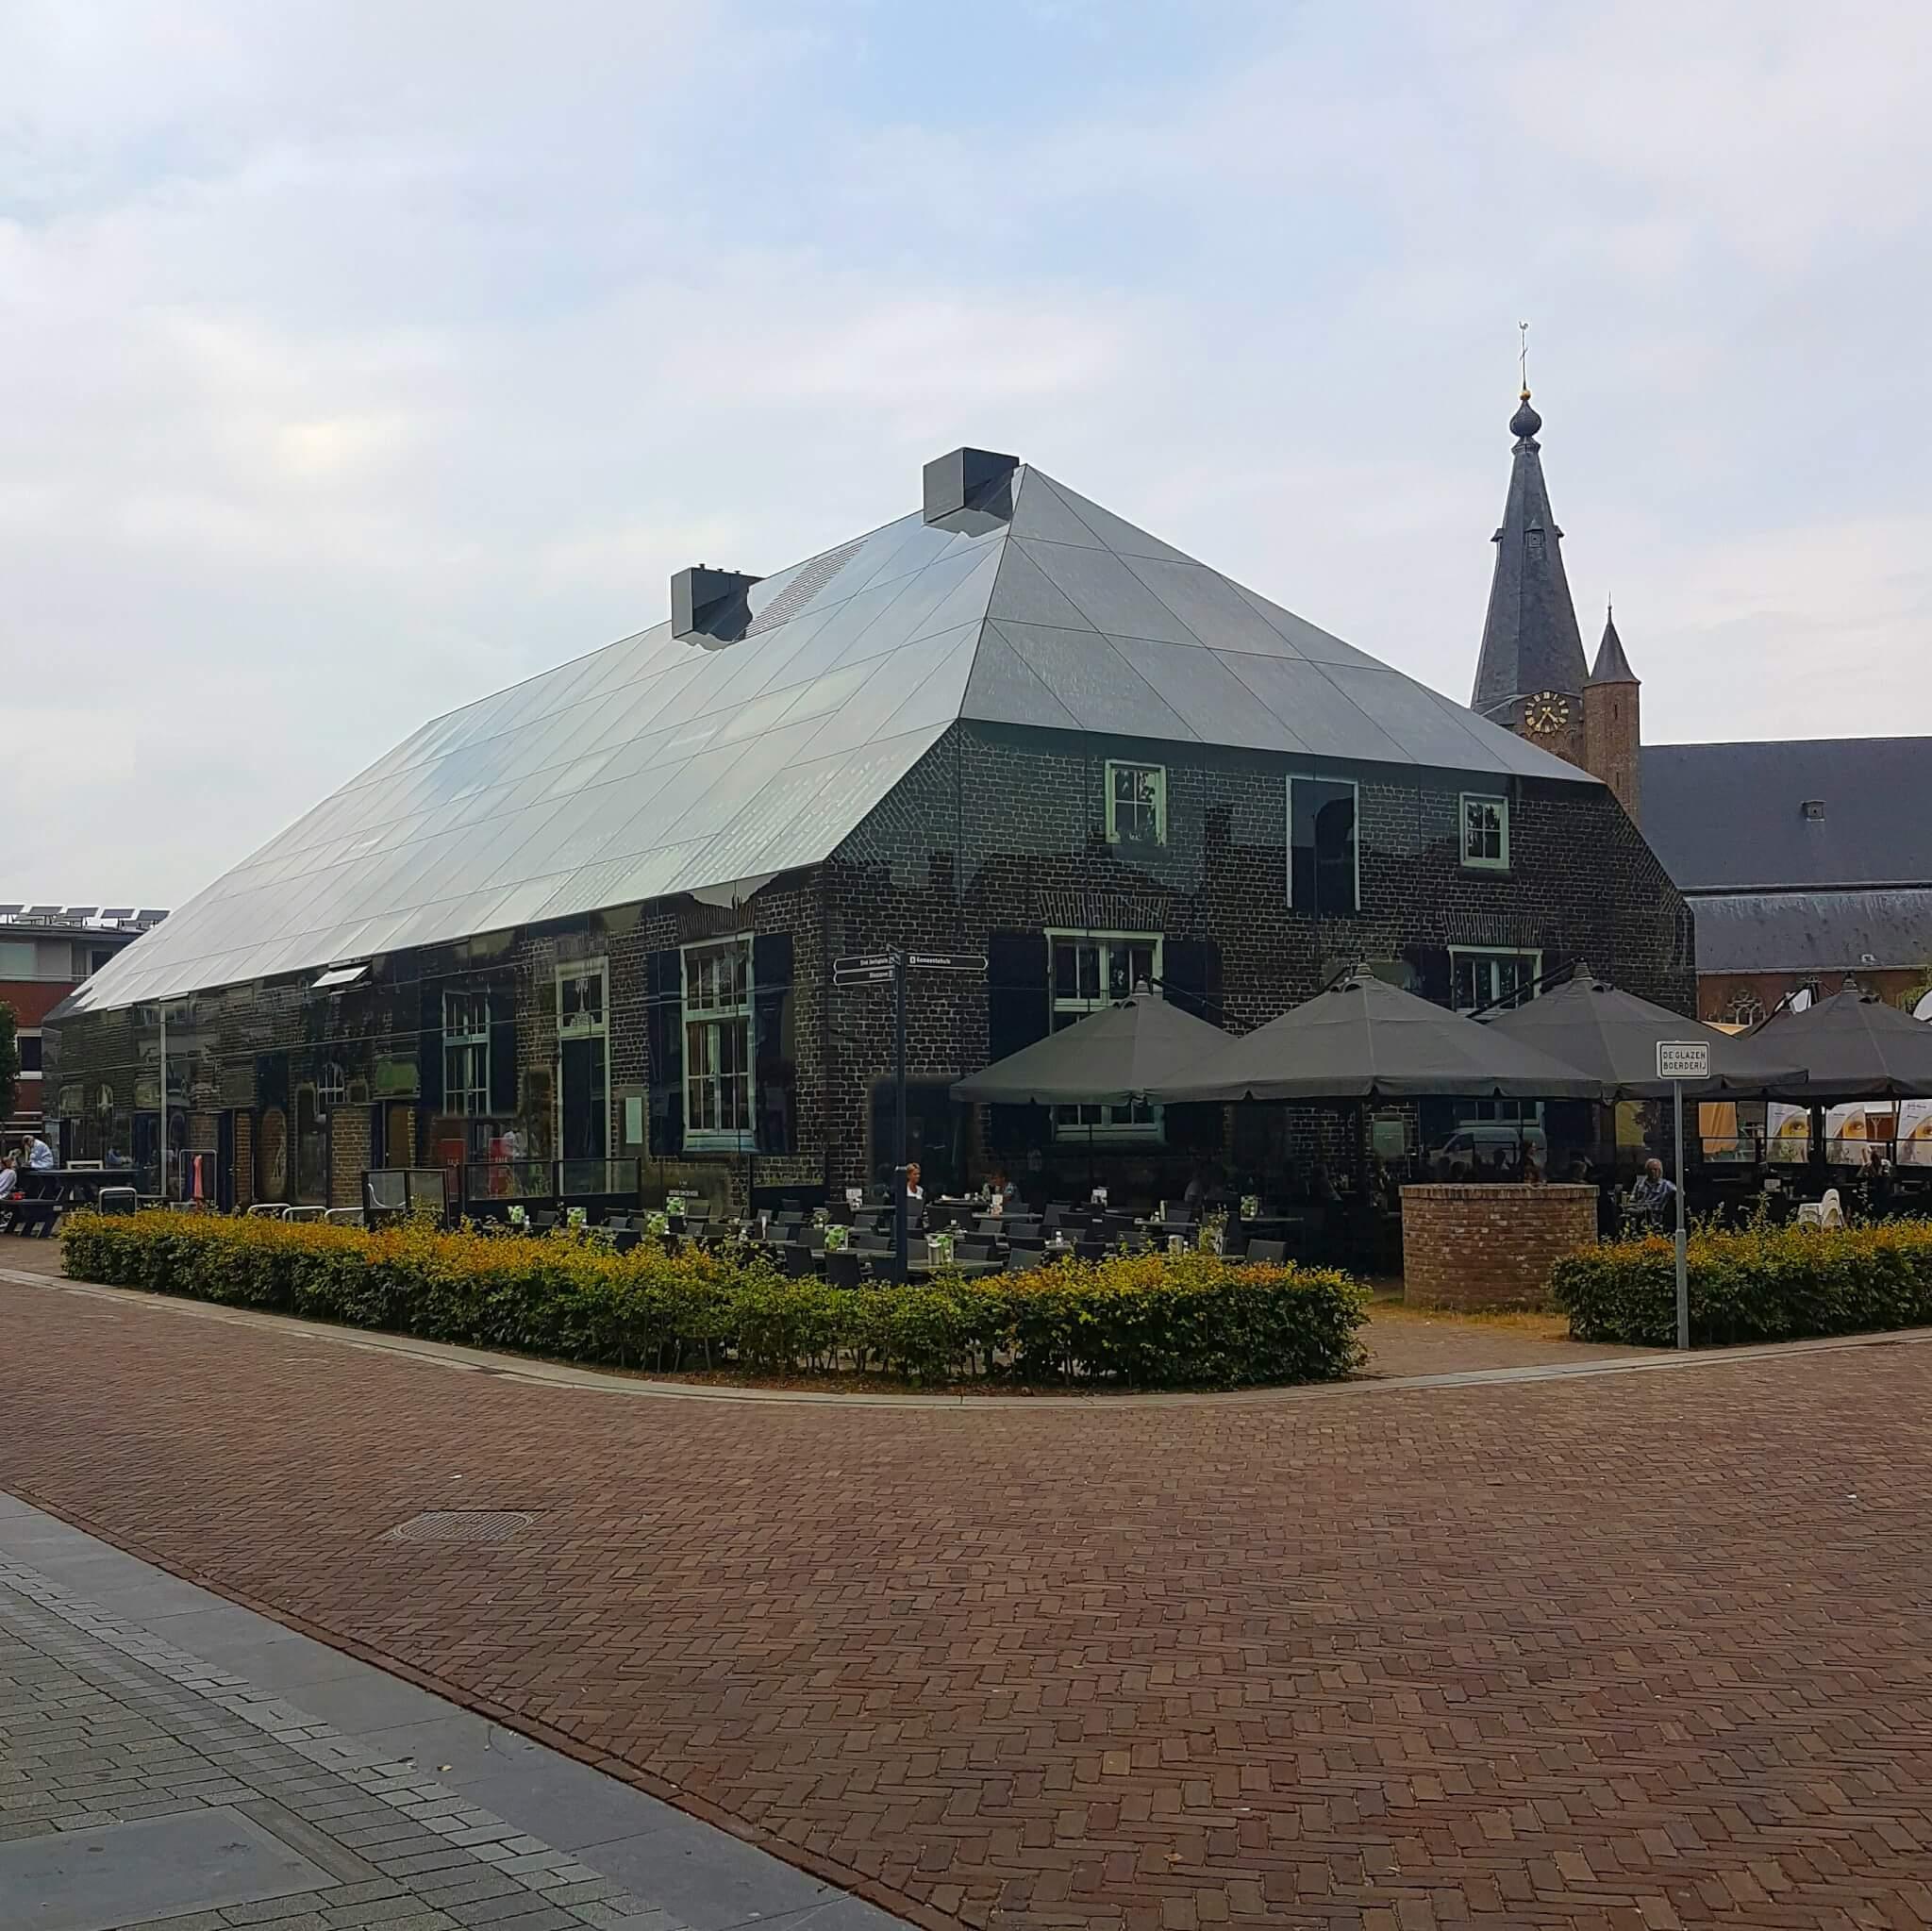 Le Verre, De Glazenboerderij in Schijndel